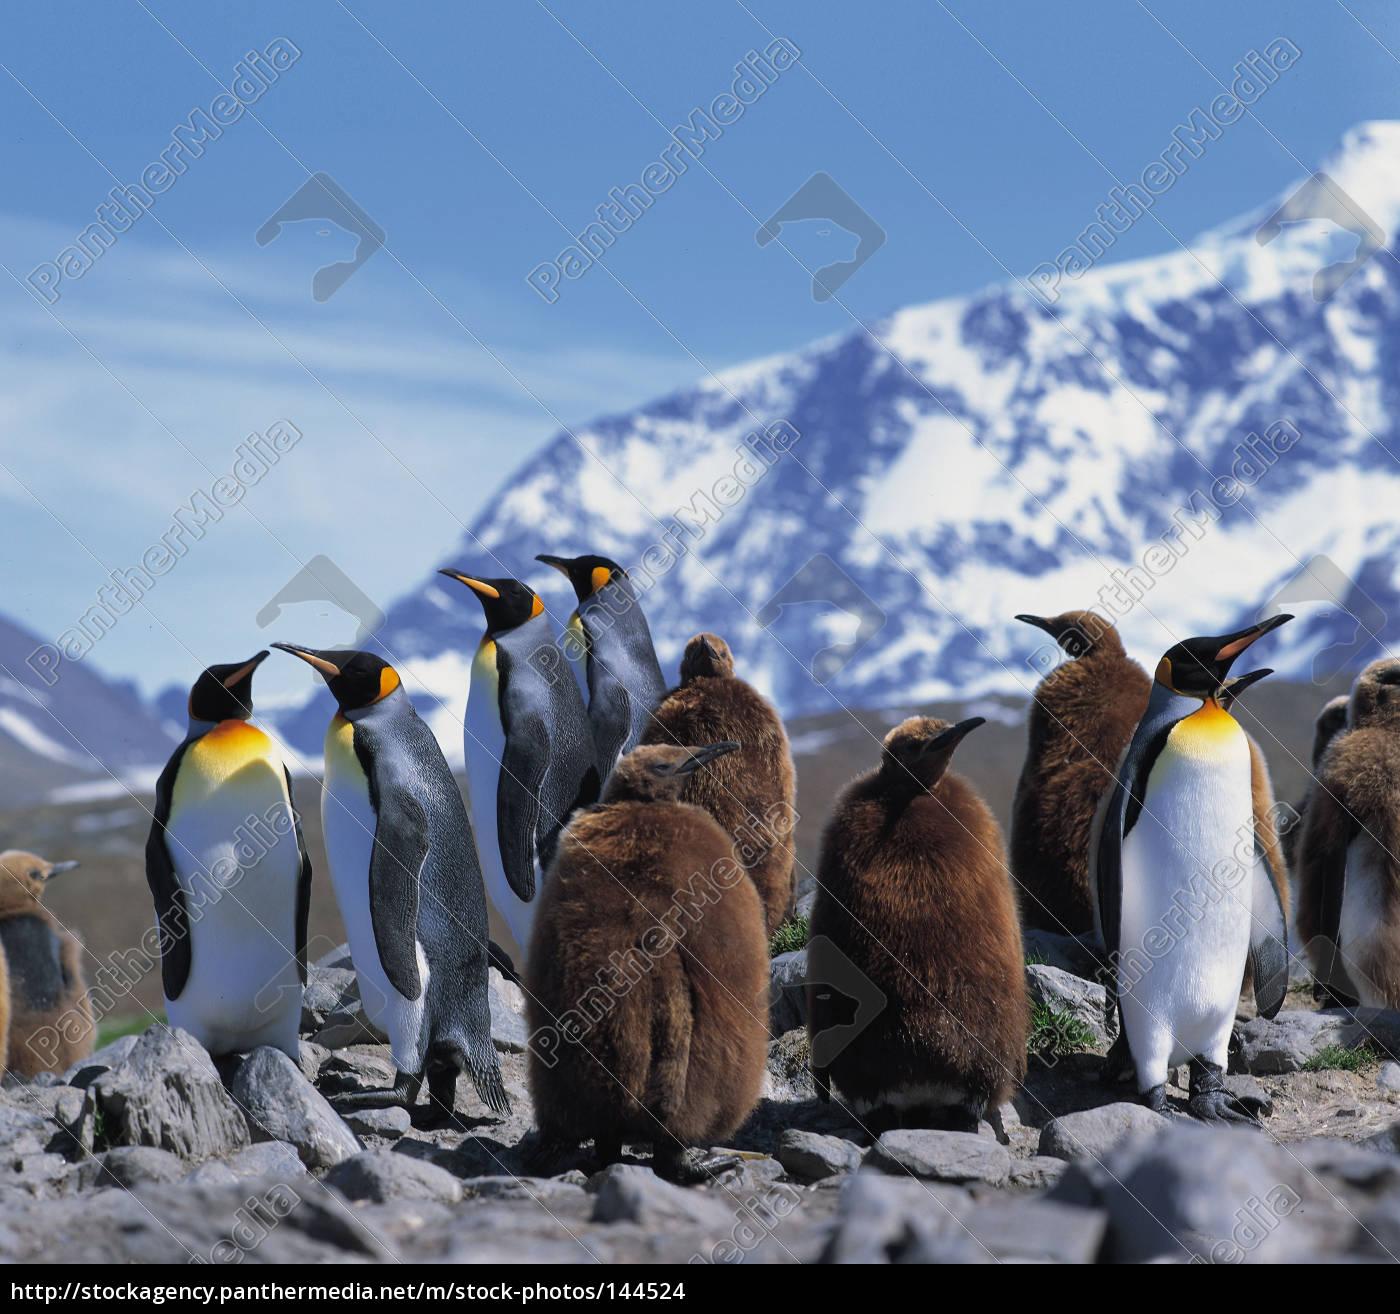 king, penguins - 144524